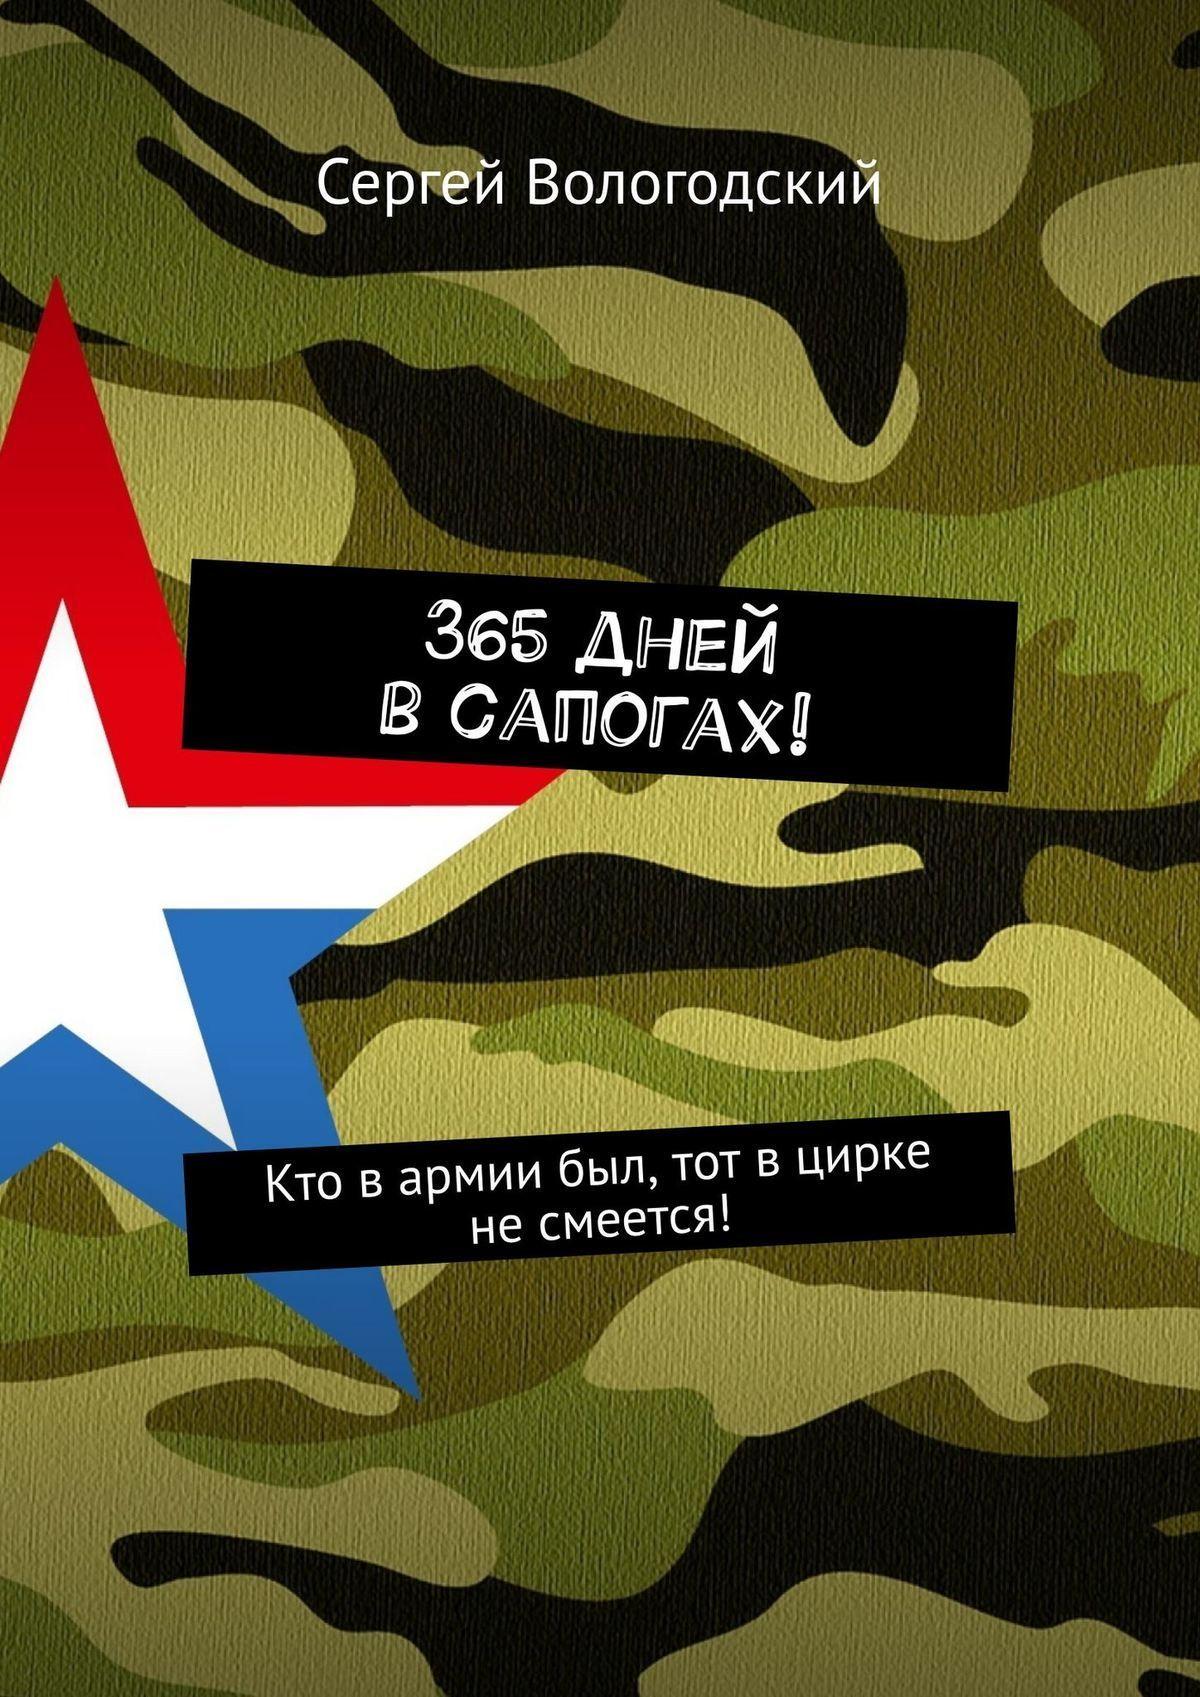 Сергей Вологодский - 365дней всапогах! Кто вармии был, тот вцирке несмеется!